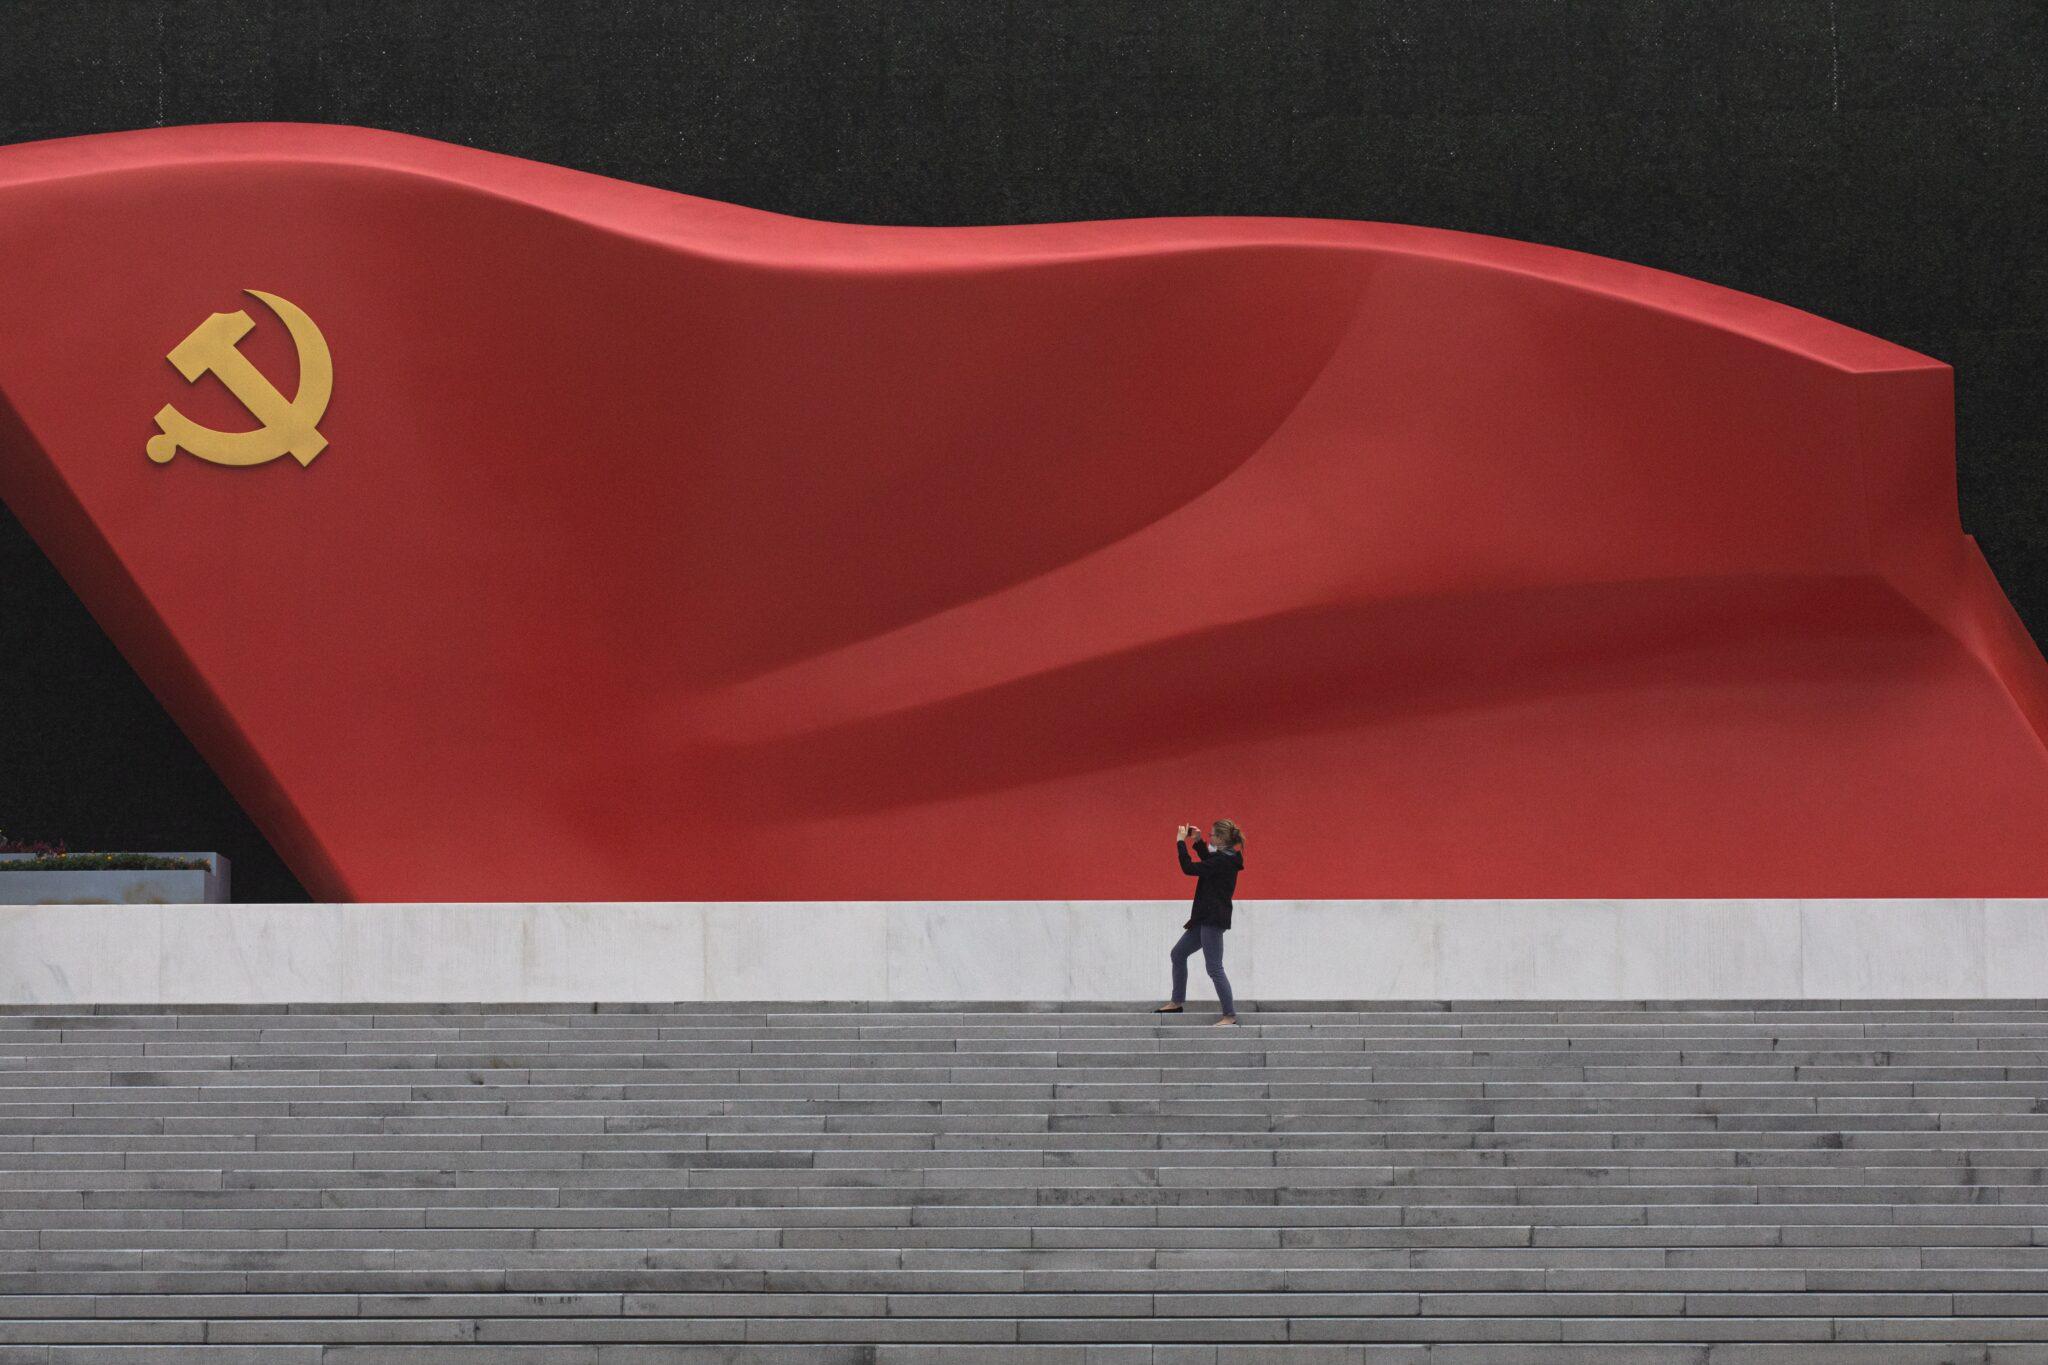 Escultura de la bandera China en el Museo del Partido Comunista de China en Pekín